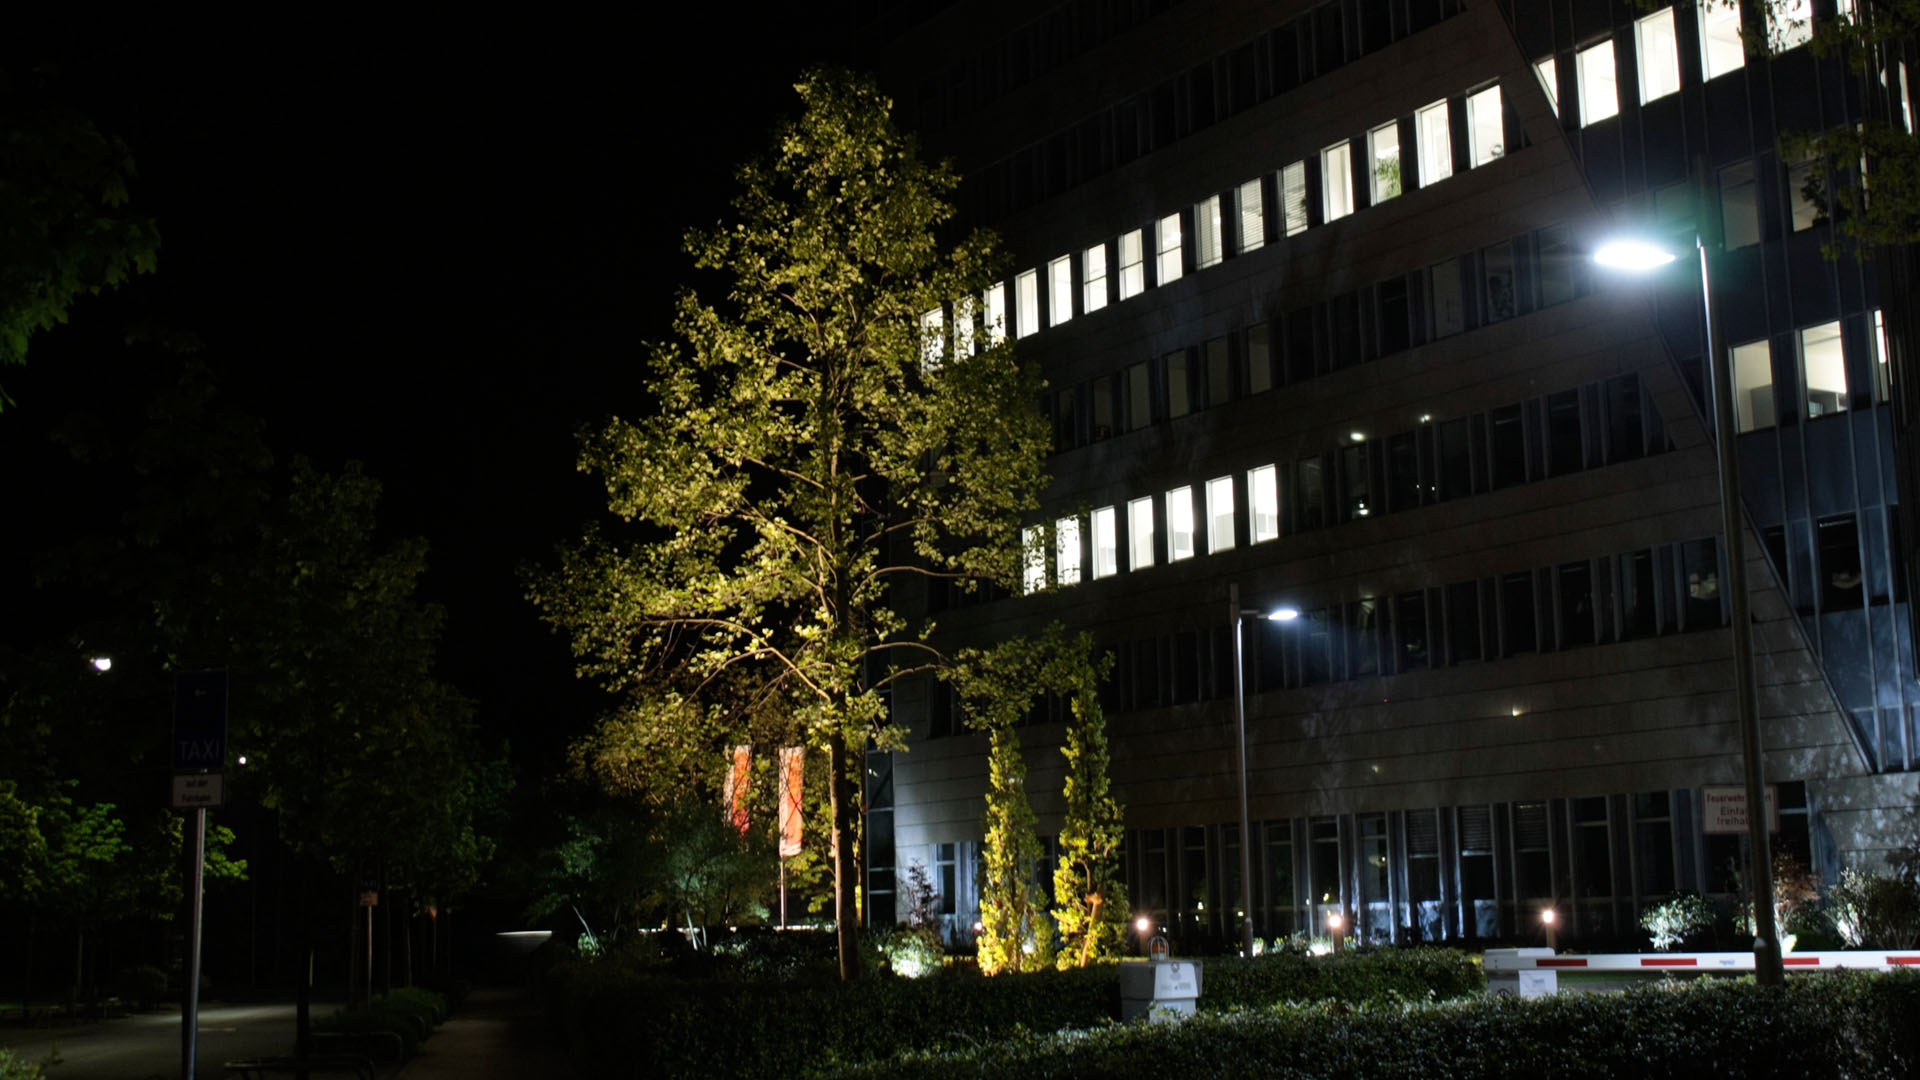 MAASS-Lichtplanung_Lichtplanung für Fassade und Freiflächen__02_Olof-Palme-Straße_Slideshow_12